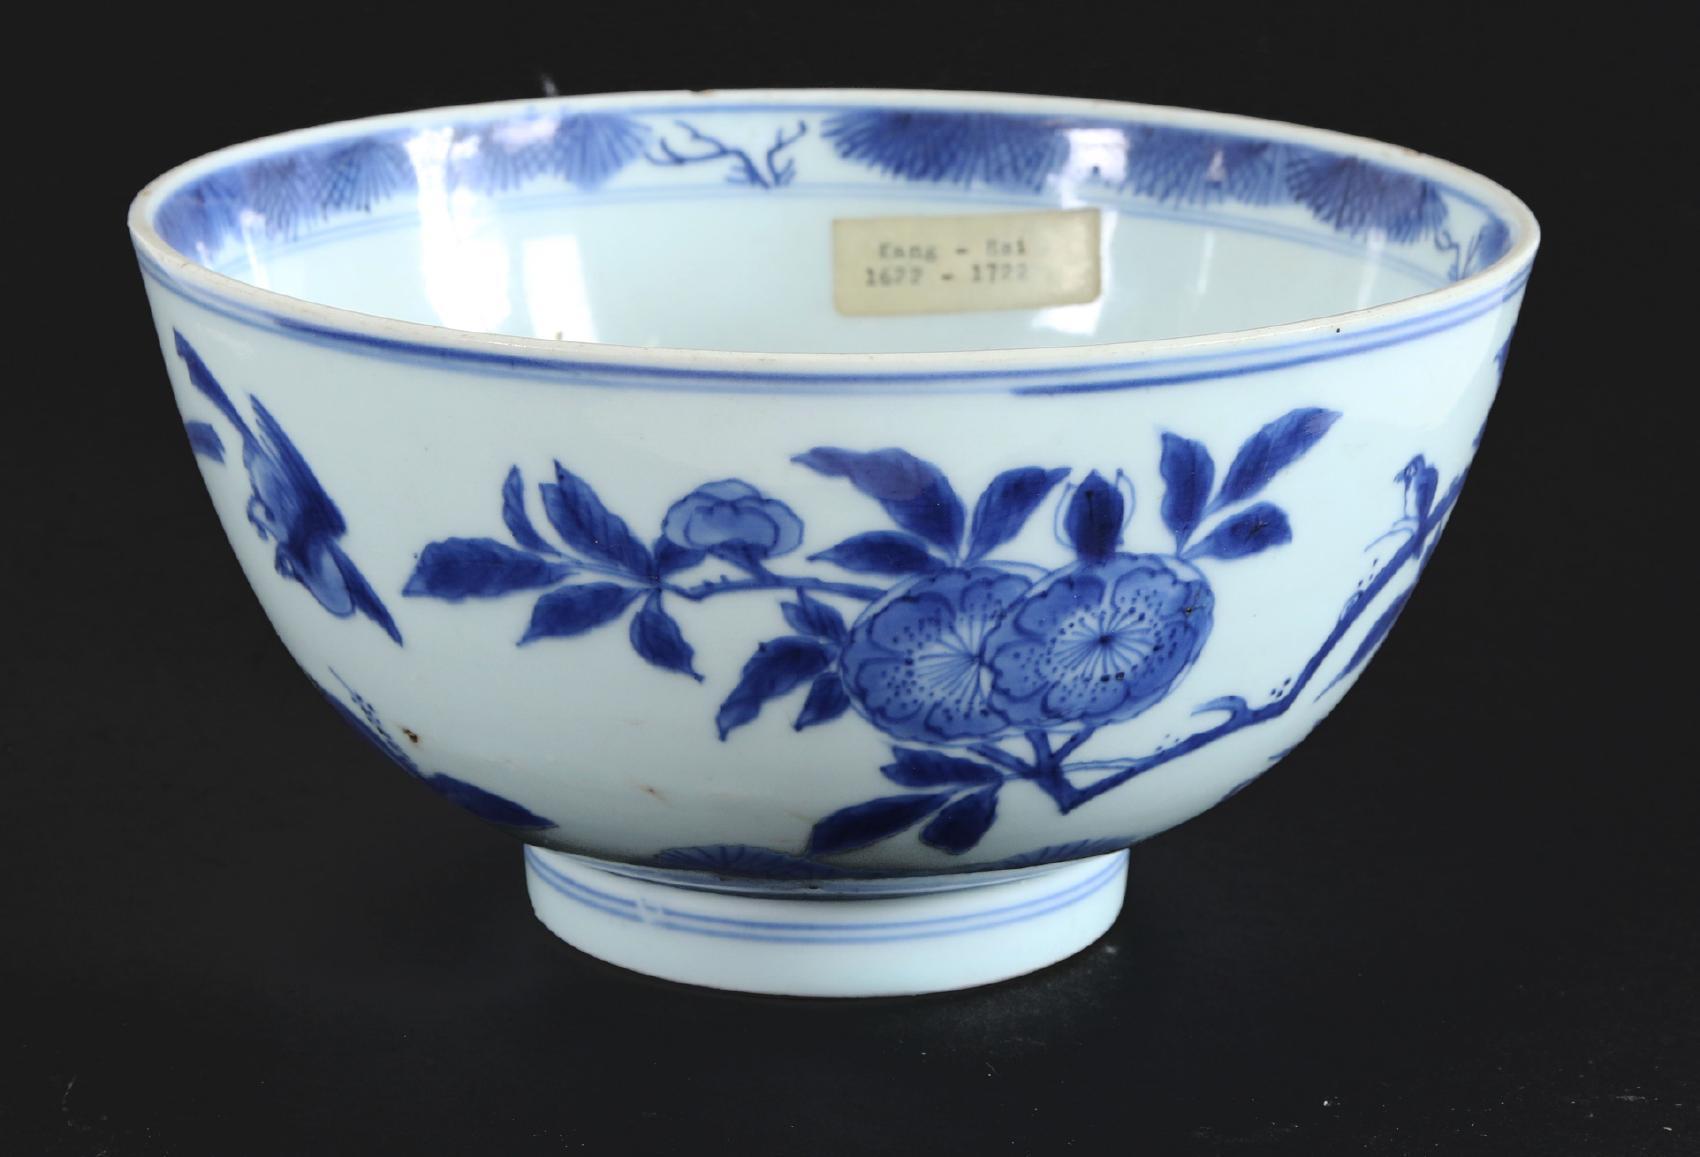 Skål, Kina, Kangxi, omkring år 1700 Underglasyrblå med dekor av fåglar och träd. Undertill med Ming-sigill. Glasyrmistor, tre kantnaggar. (Höjd 11, diameter 21). Startpris: 100 SEK.